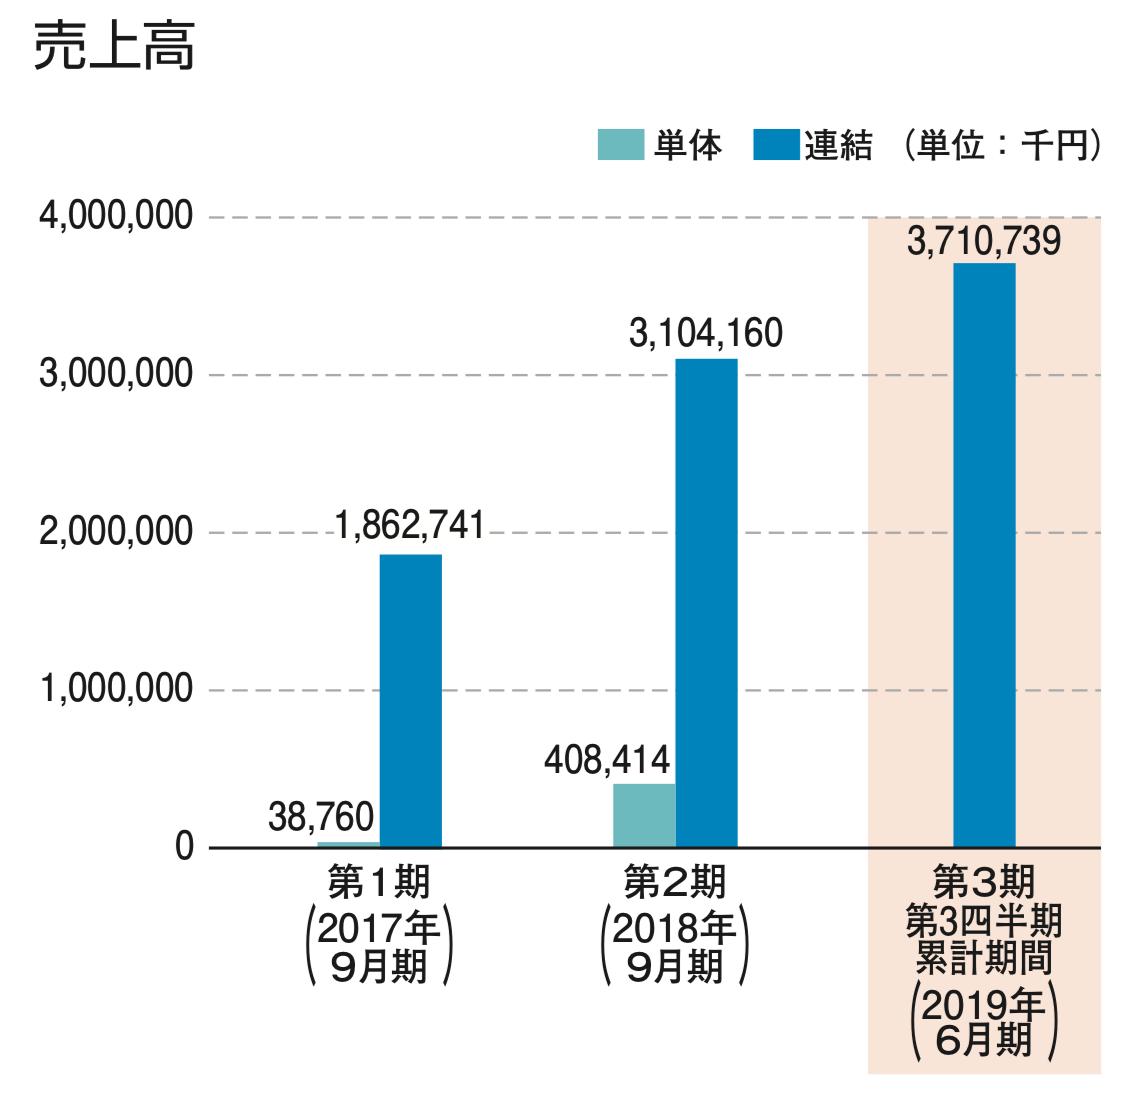 アンディスホールディングスの堅調な売上高の推移